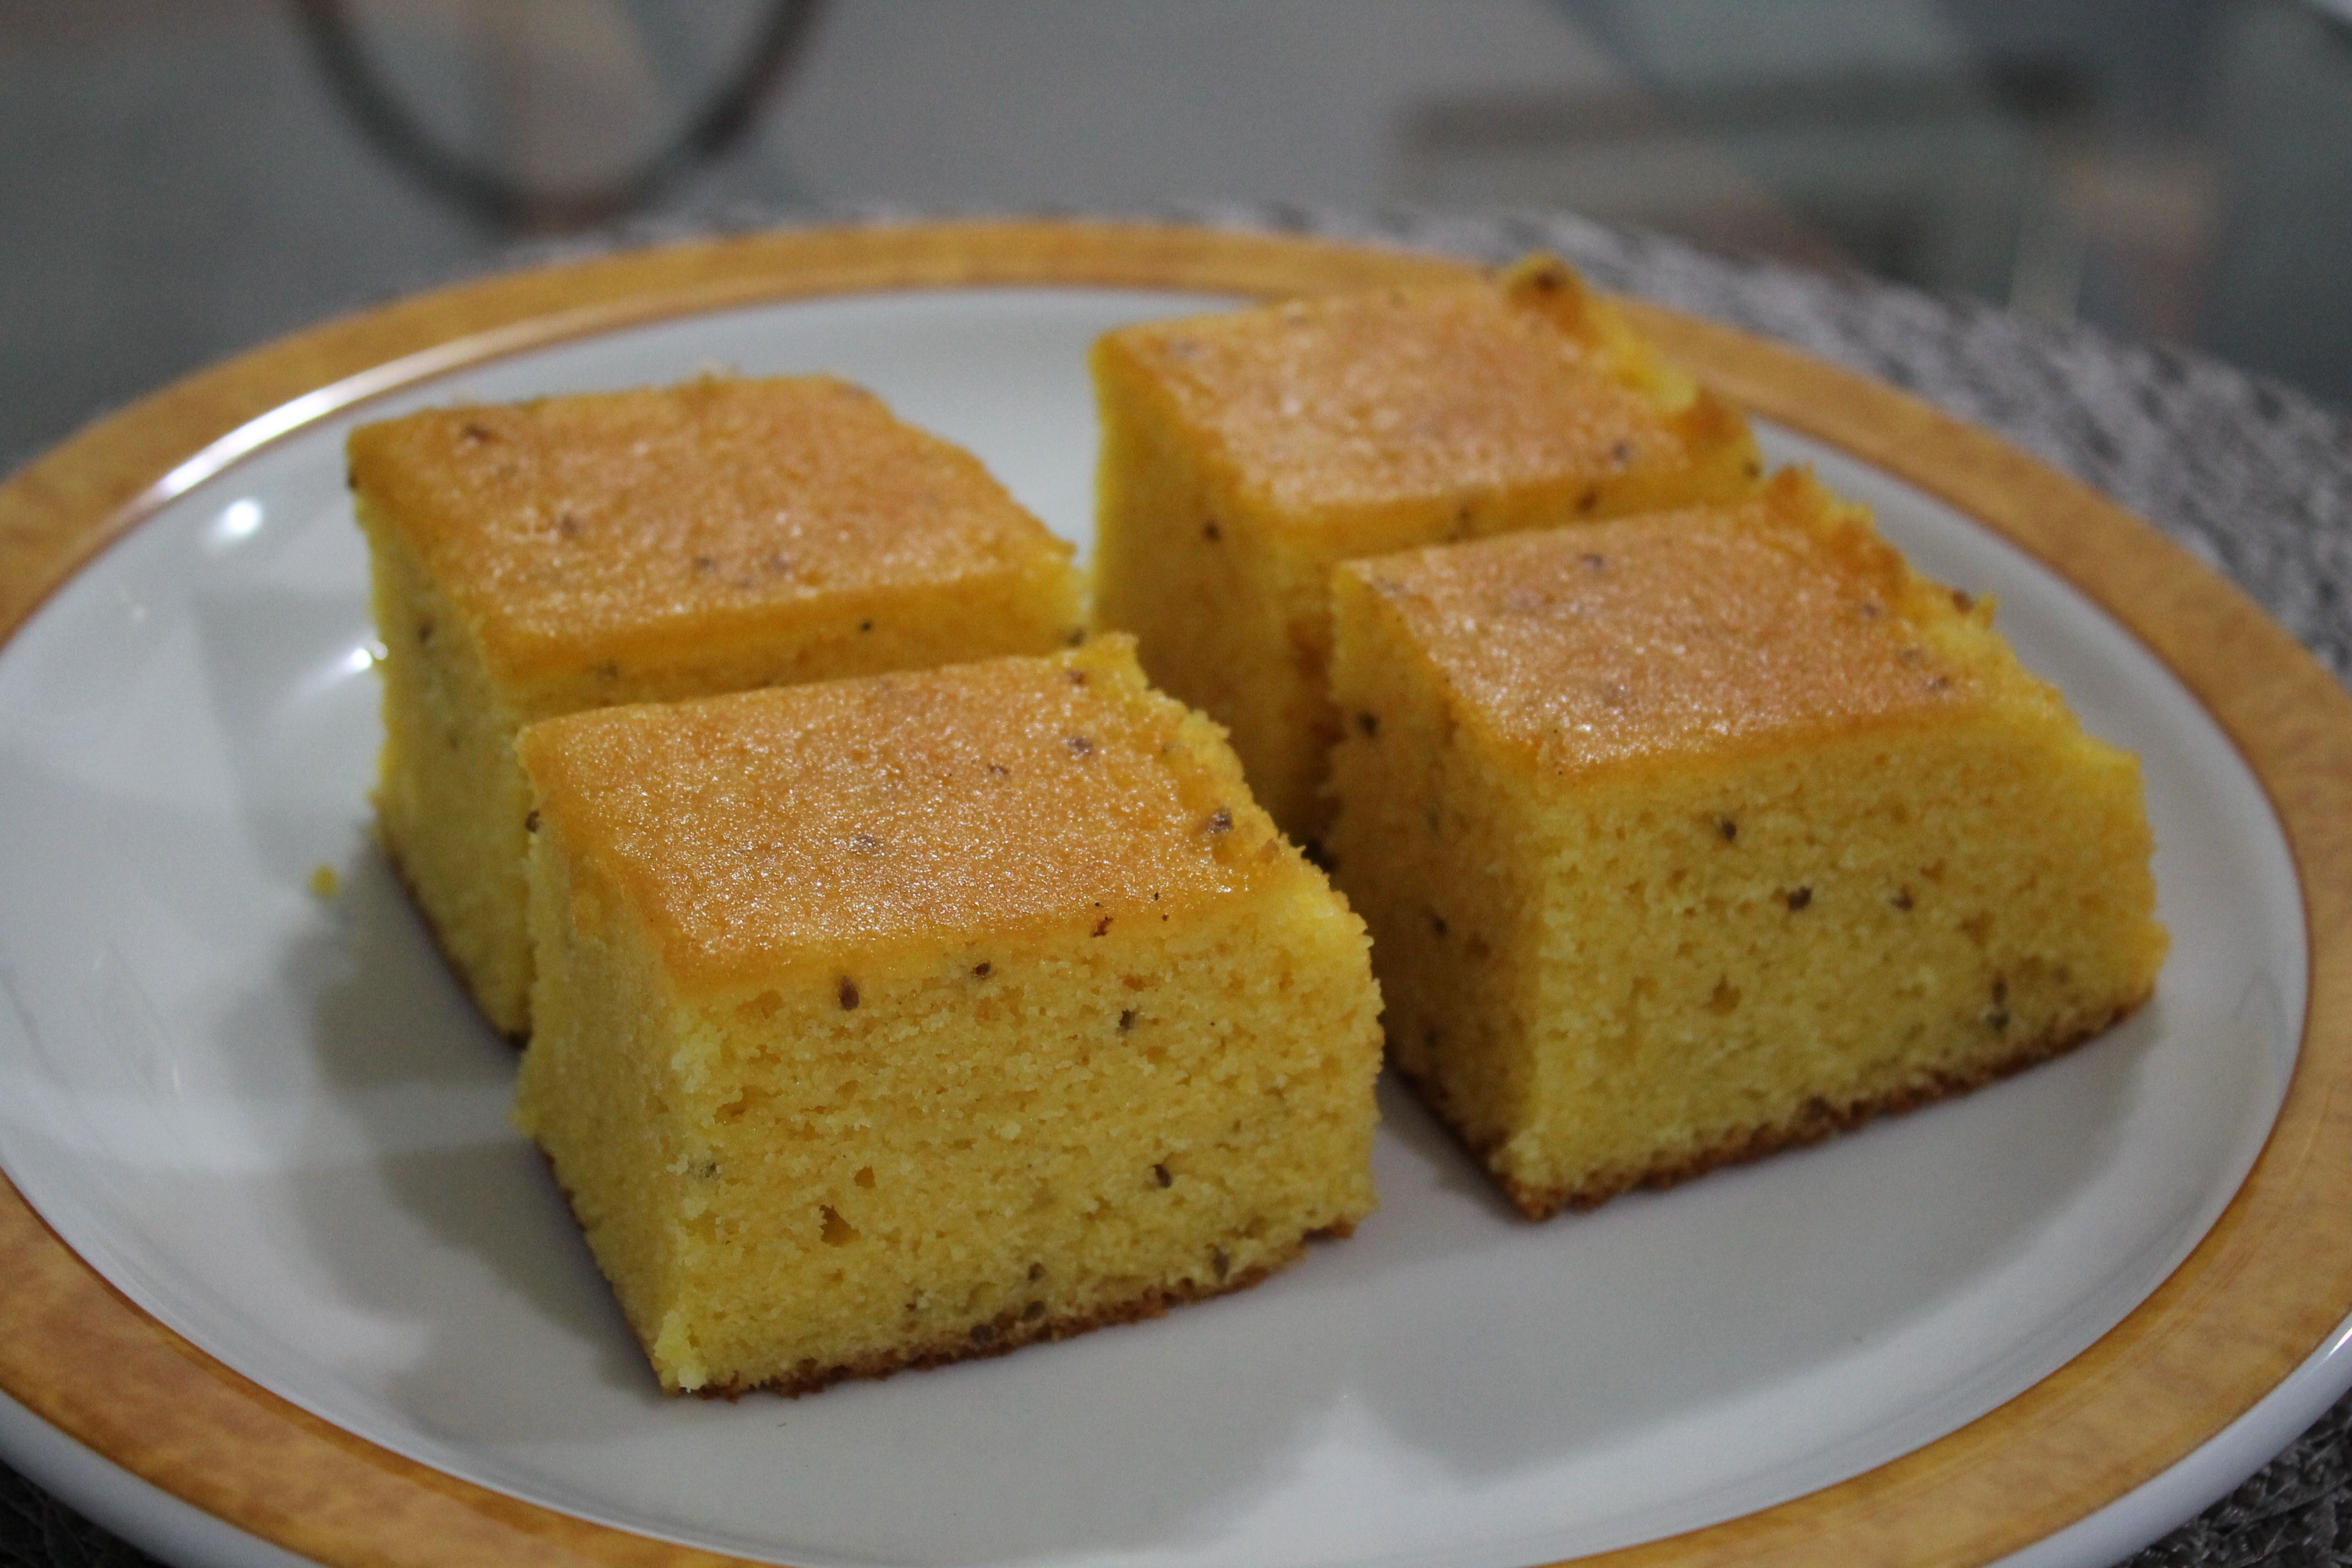 1 copo de fubá mimoso  - 1 copo de farinha de trigo  - 1 copo de leite  - 1 e 1/2 copos de açúcar  - 1 xícara de óleo  - 3 ovos  - 1 colher de fermento em pó  - Sementes de erva doce a gosto  -